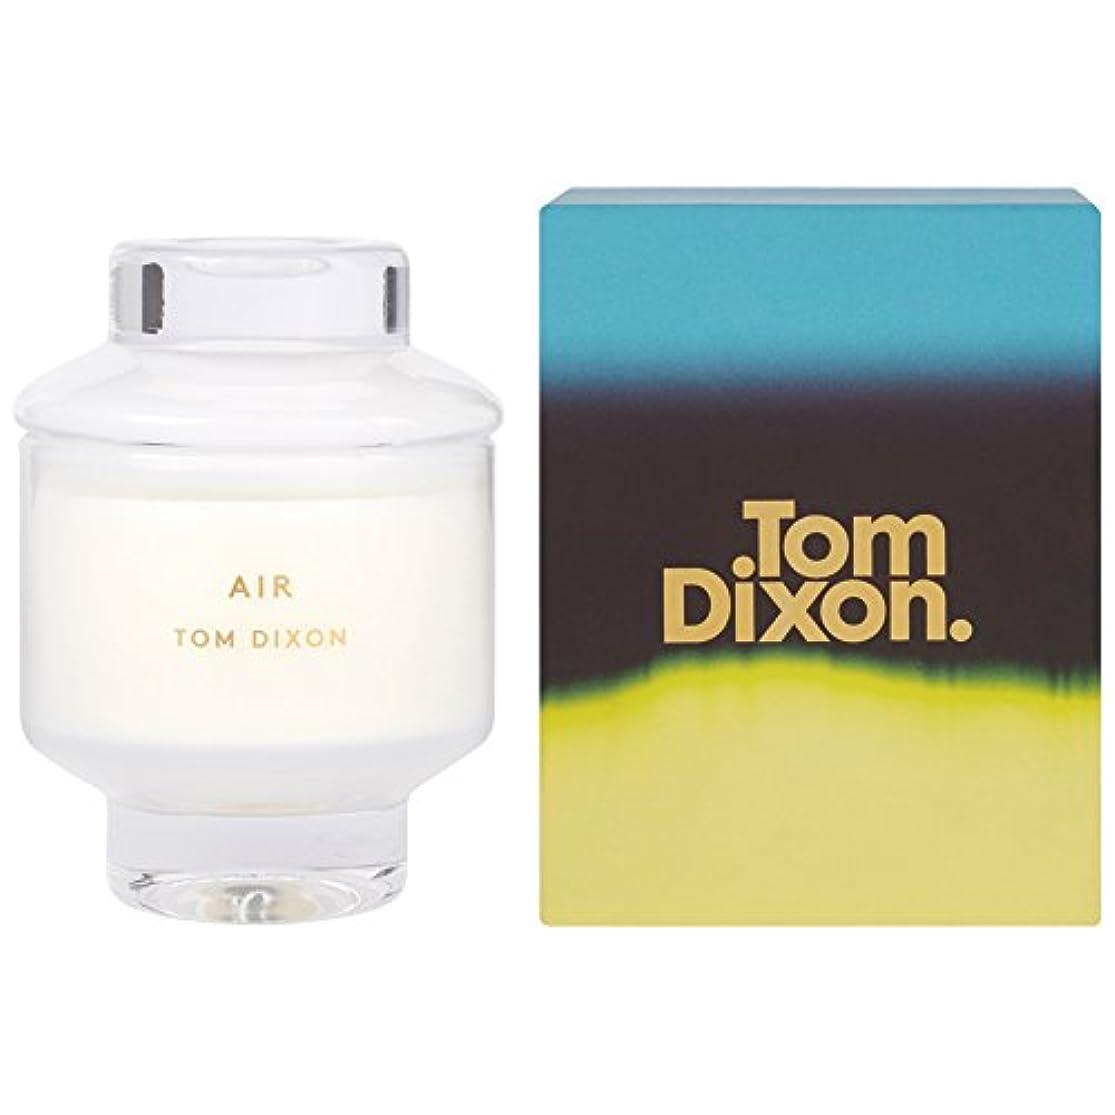 憂鬱な悔い改めフィットトム?ディクソン空気の香りのキャンドル媒体 x6 - Tom Dixon Air Scented Candle Medium (Pack of 6) [並行輸入品]